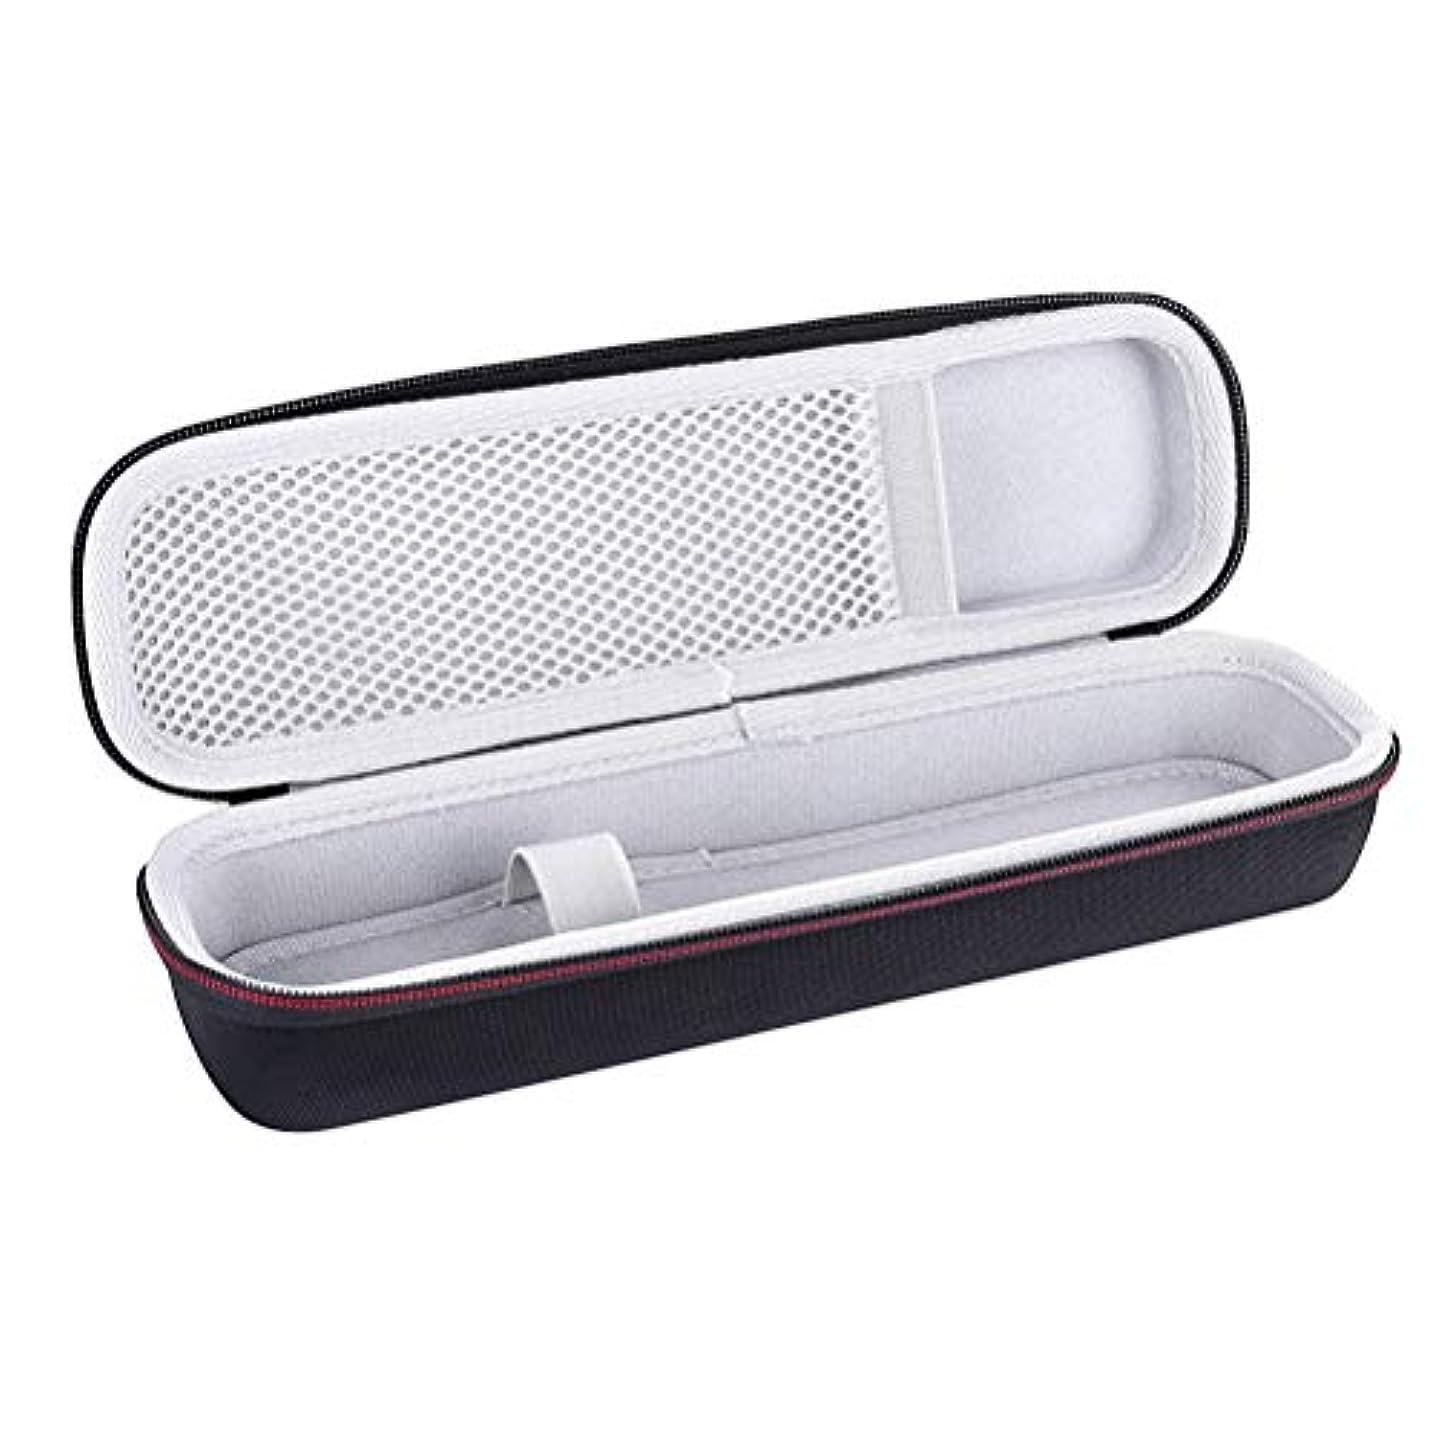 気配りのある傾く用心Healifty 電動歯ブラシケースポータブル圧縮抵抗保護歯ブラシ収納ケース屋外旅行用